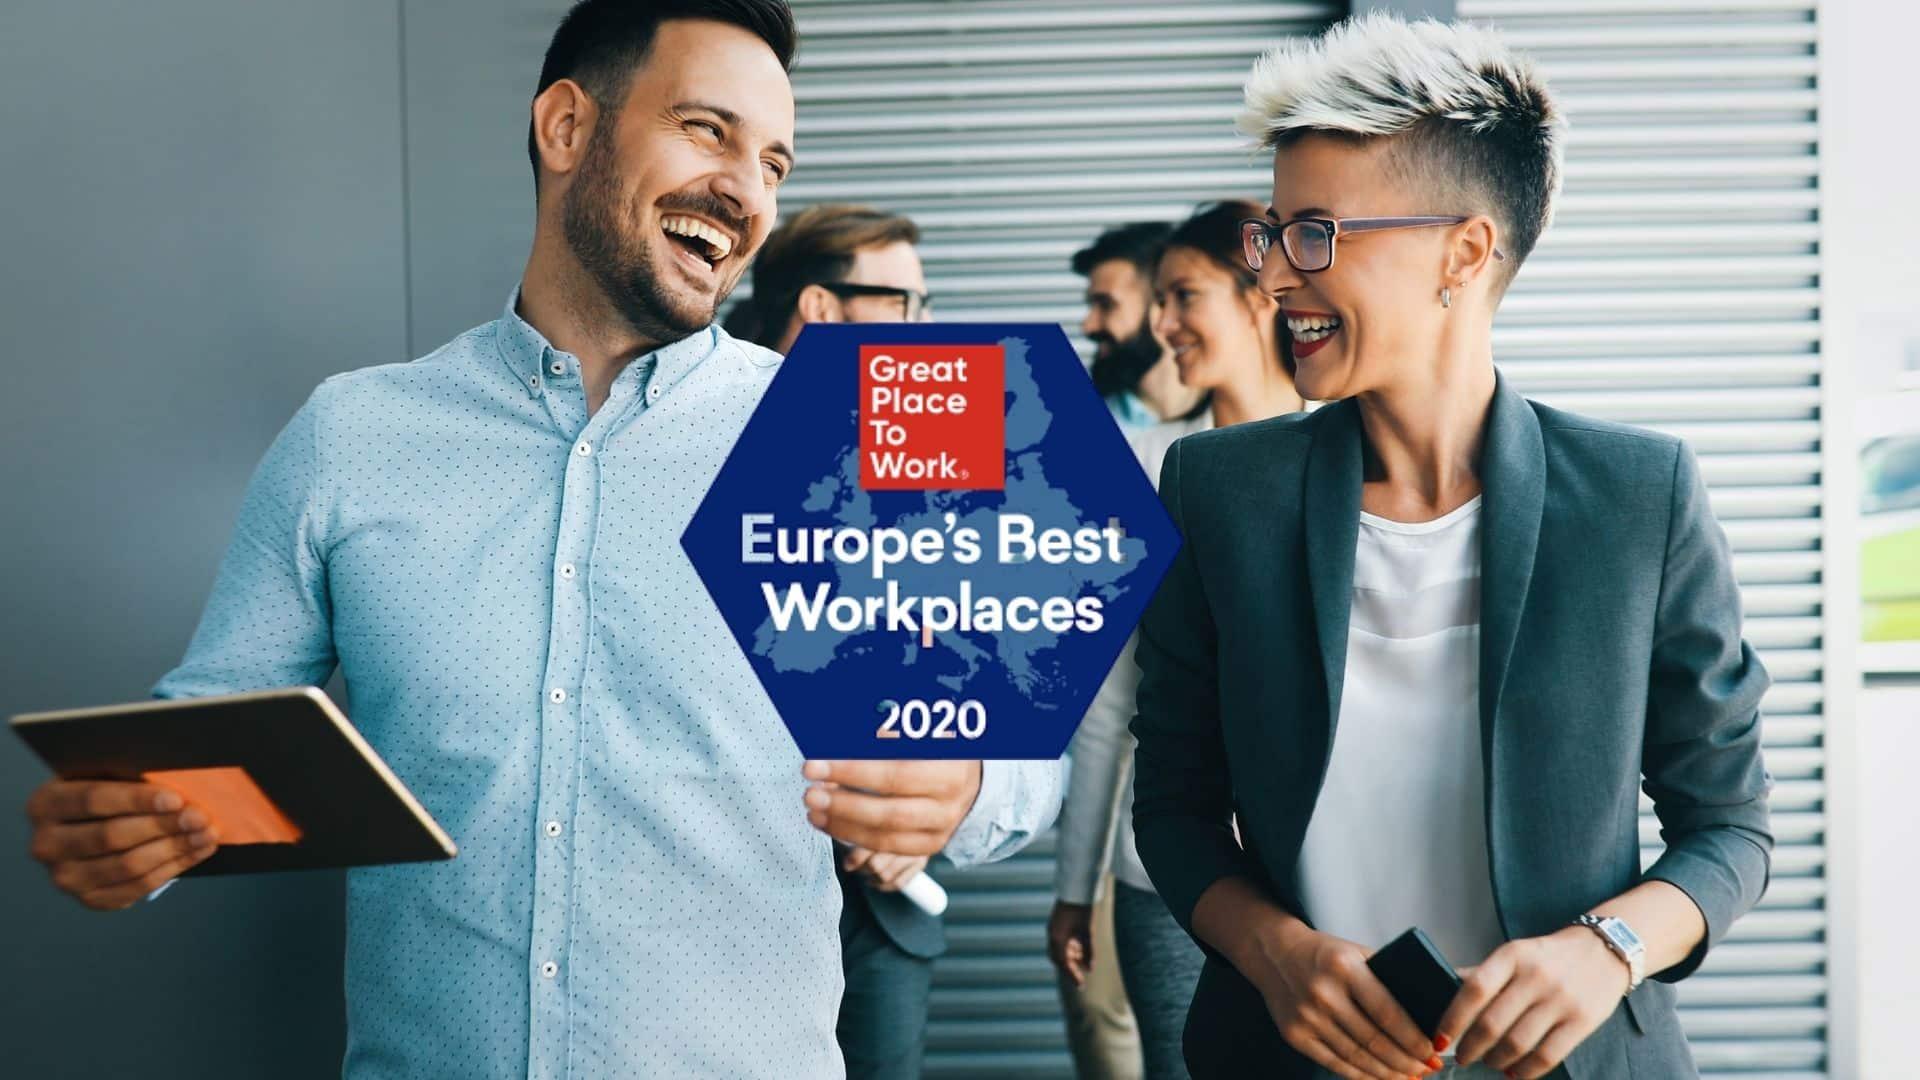 Great Place to Work 2020 : quelles sont les entreprises européennes les plus investies dans la qualité de vie au travail ?